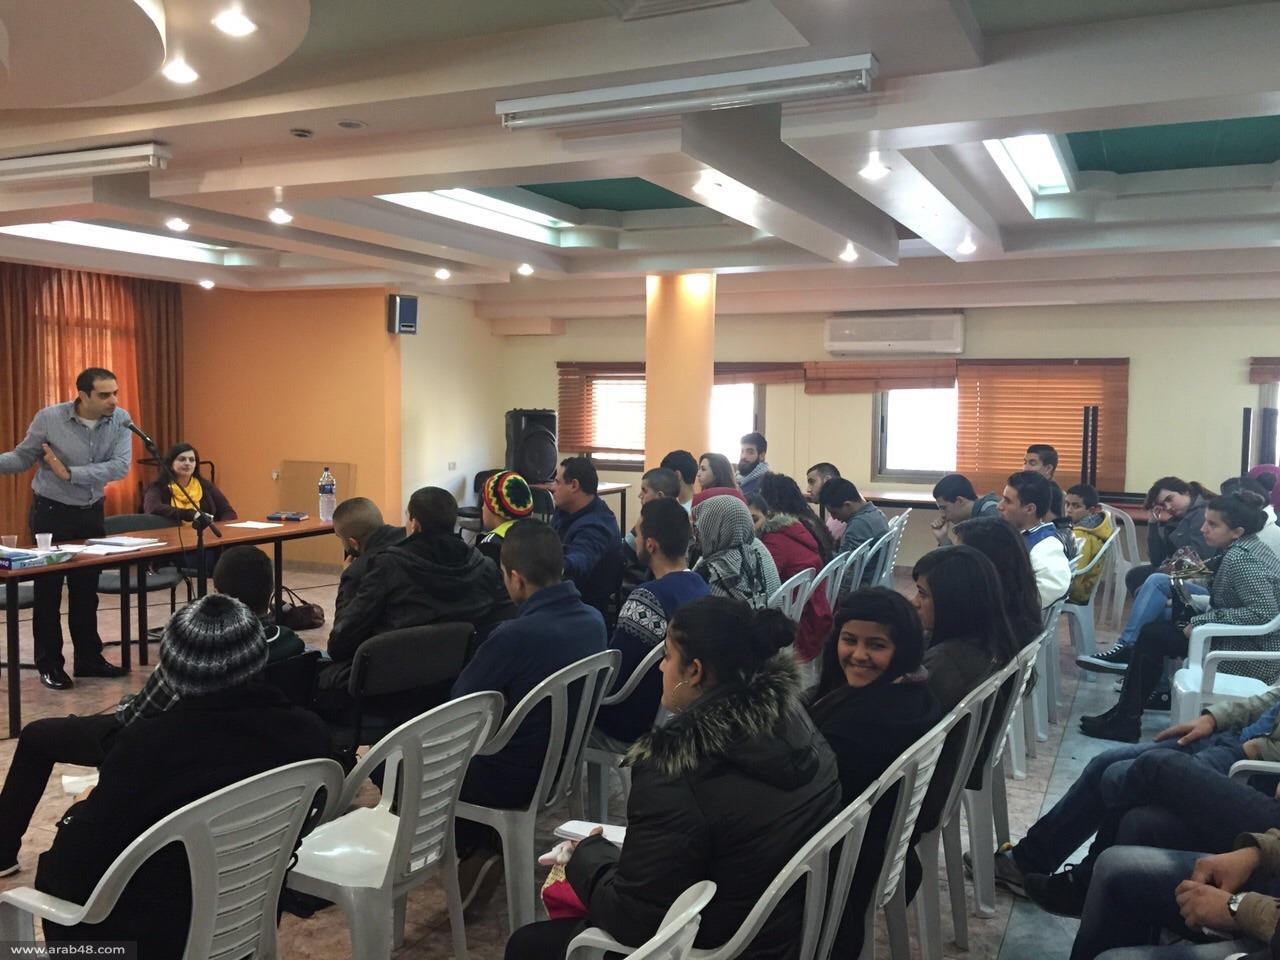 اتحاد الشباب الوطني الديمقراطي يحشد مندوبيه استعدادا للانتخابات